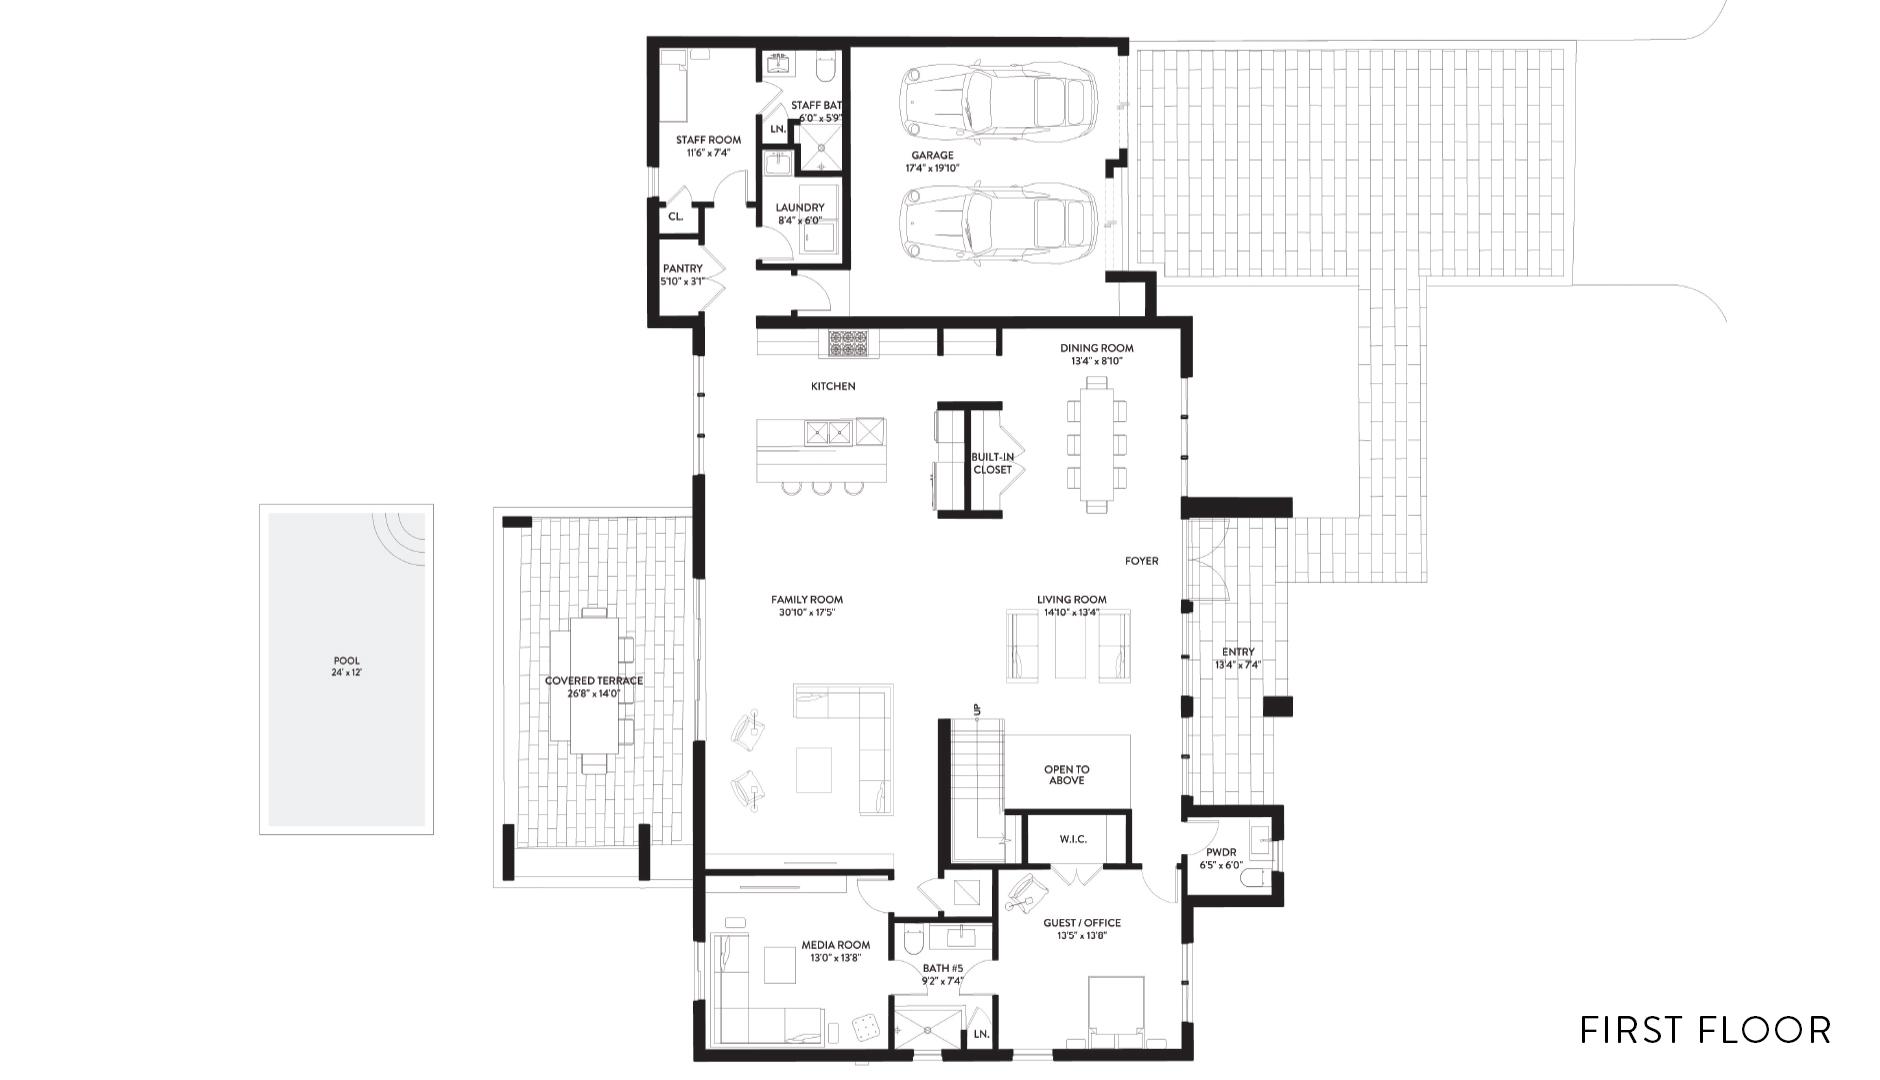 PPK P3 Floor 1